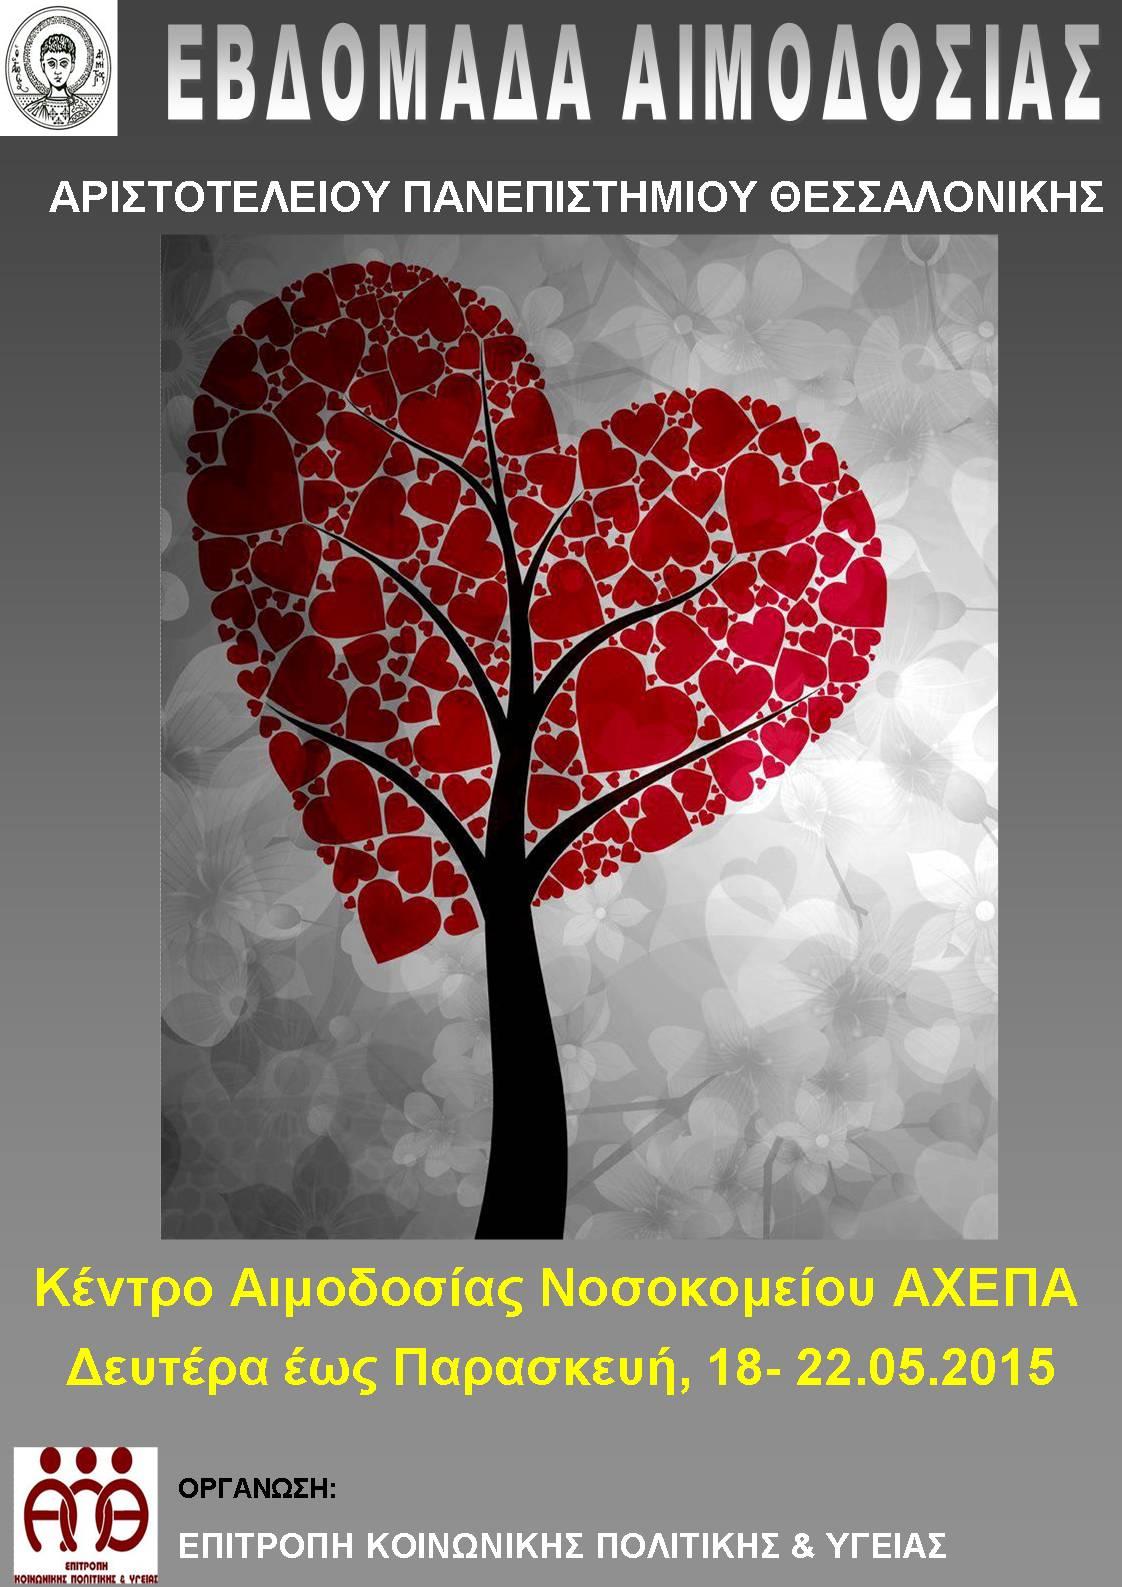 αφίσα αιμοδοσίας ΕΚΠΥ 2015